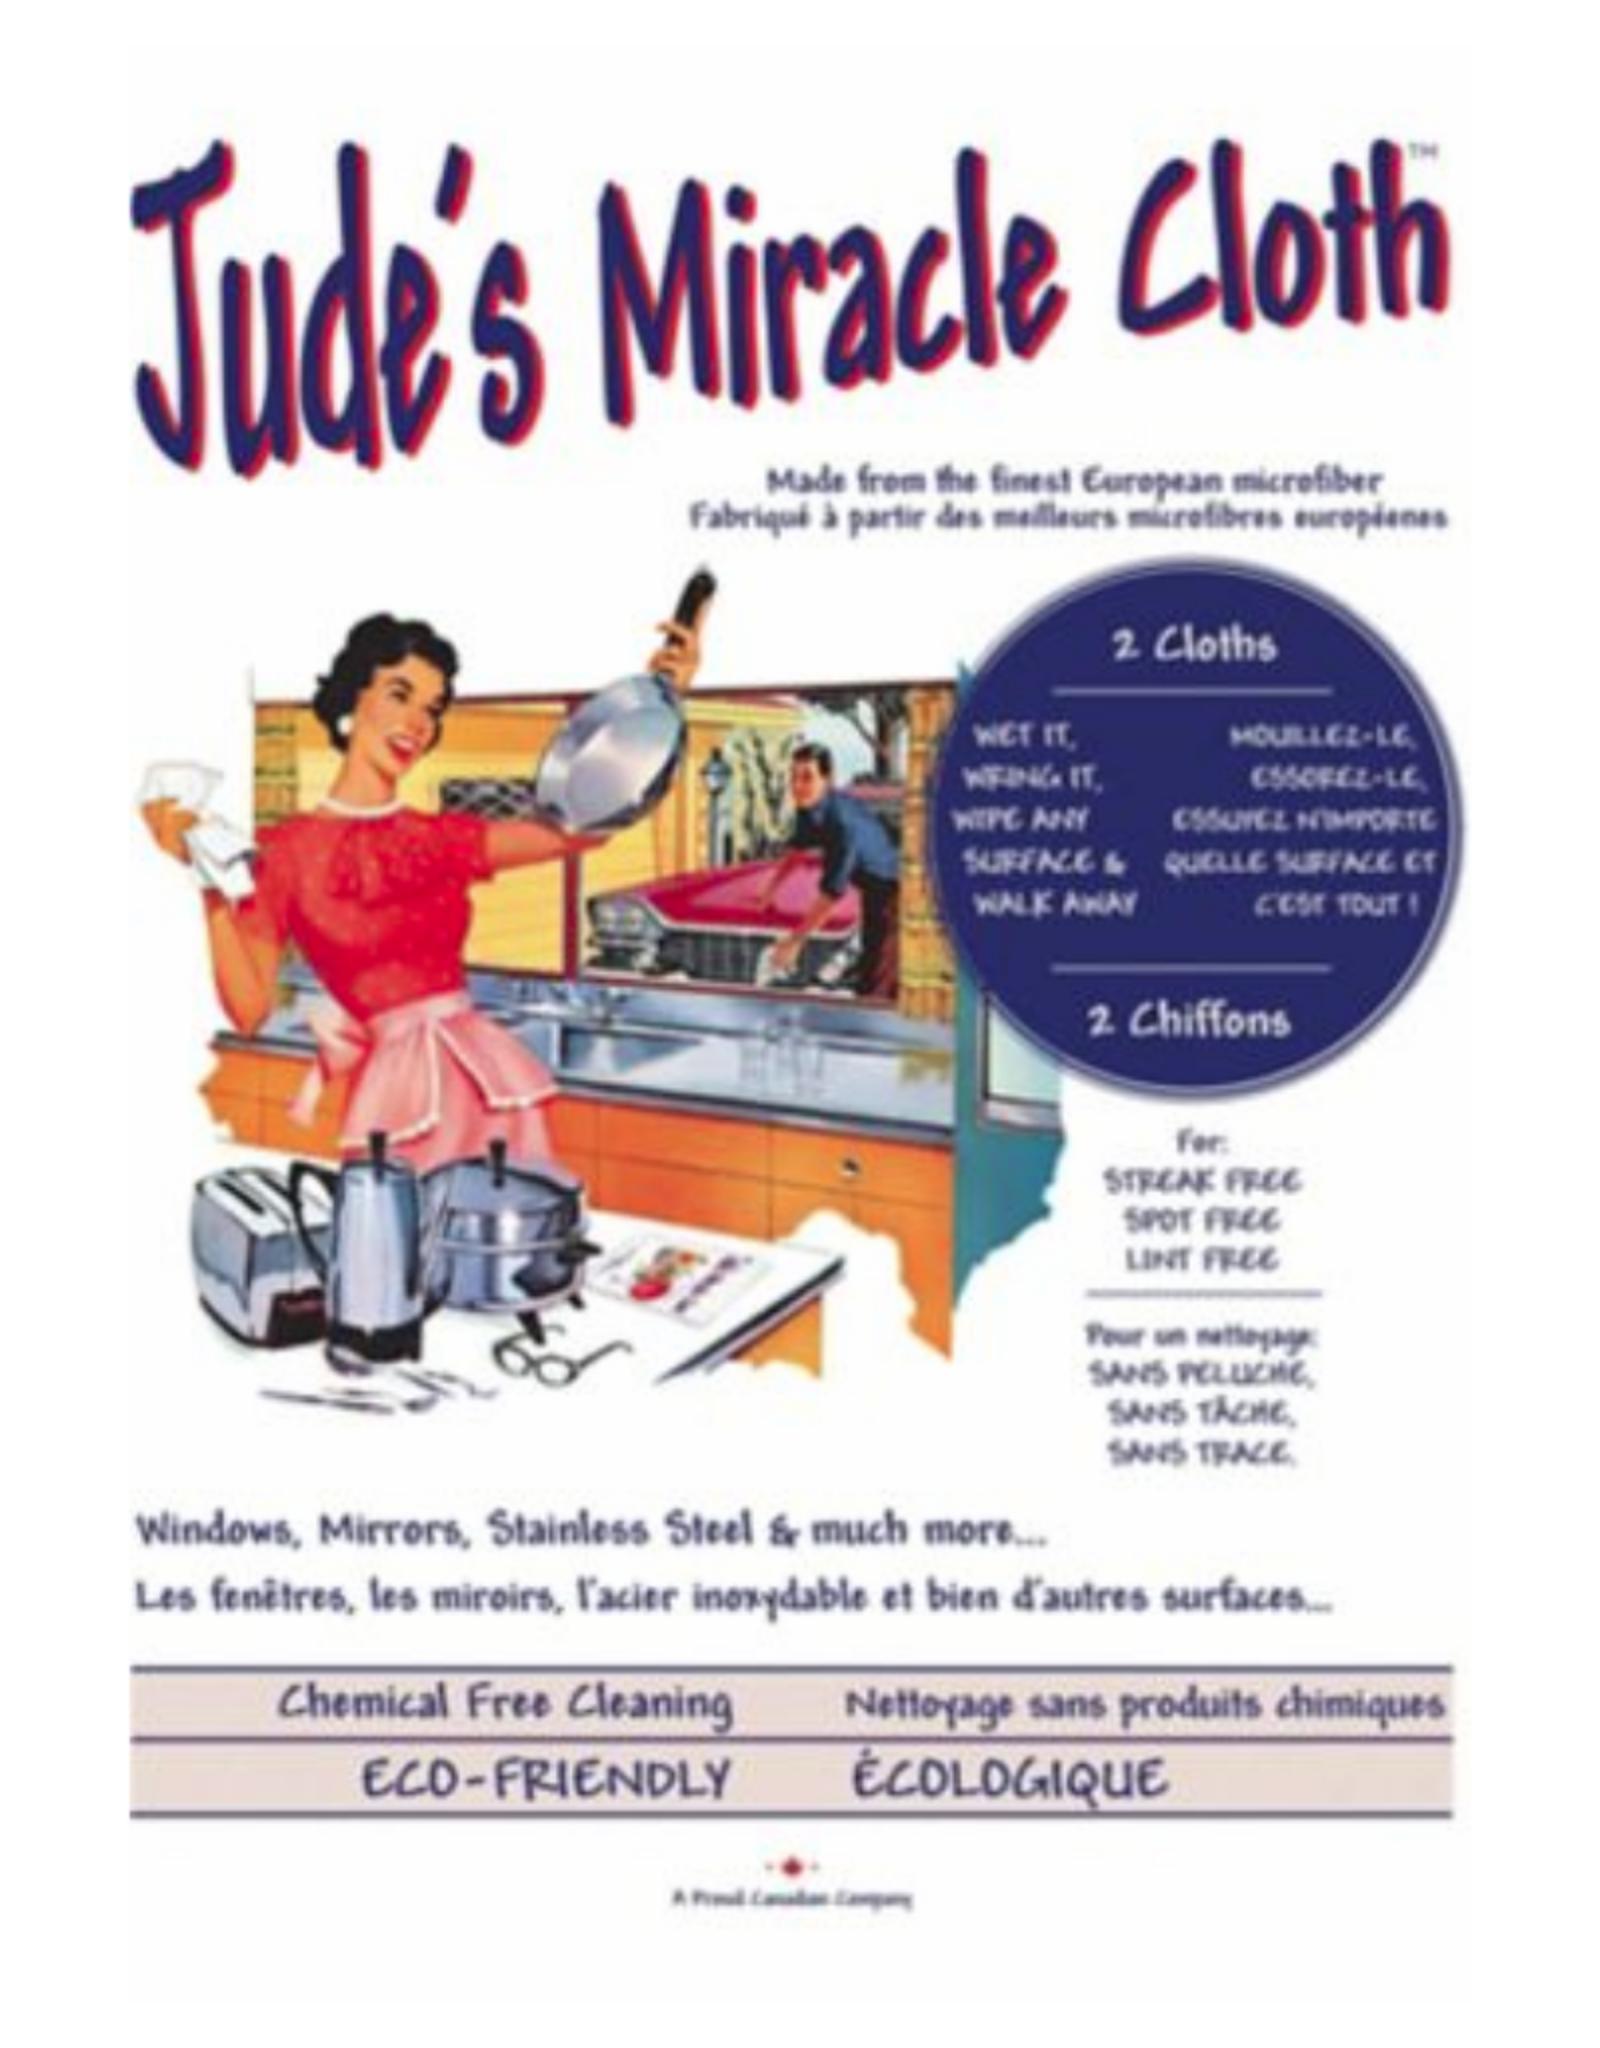 Lingette écologique 'Jude's Miracle Cloth'